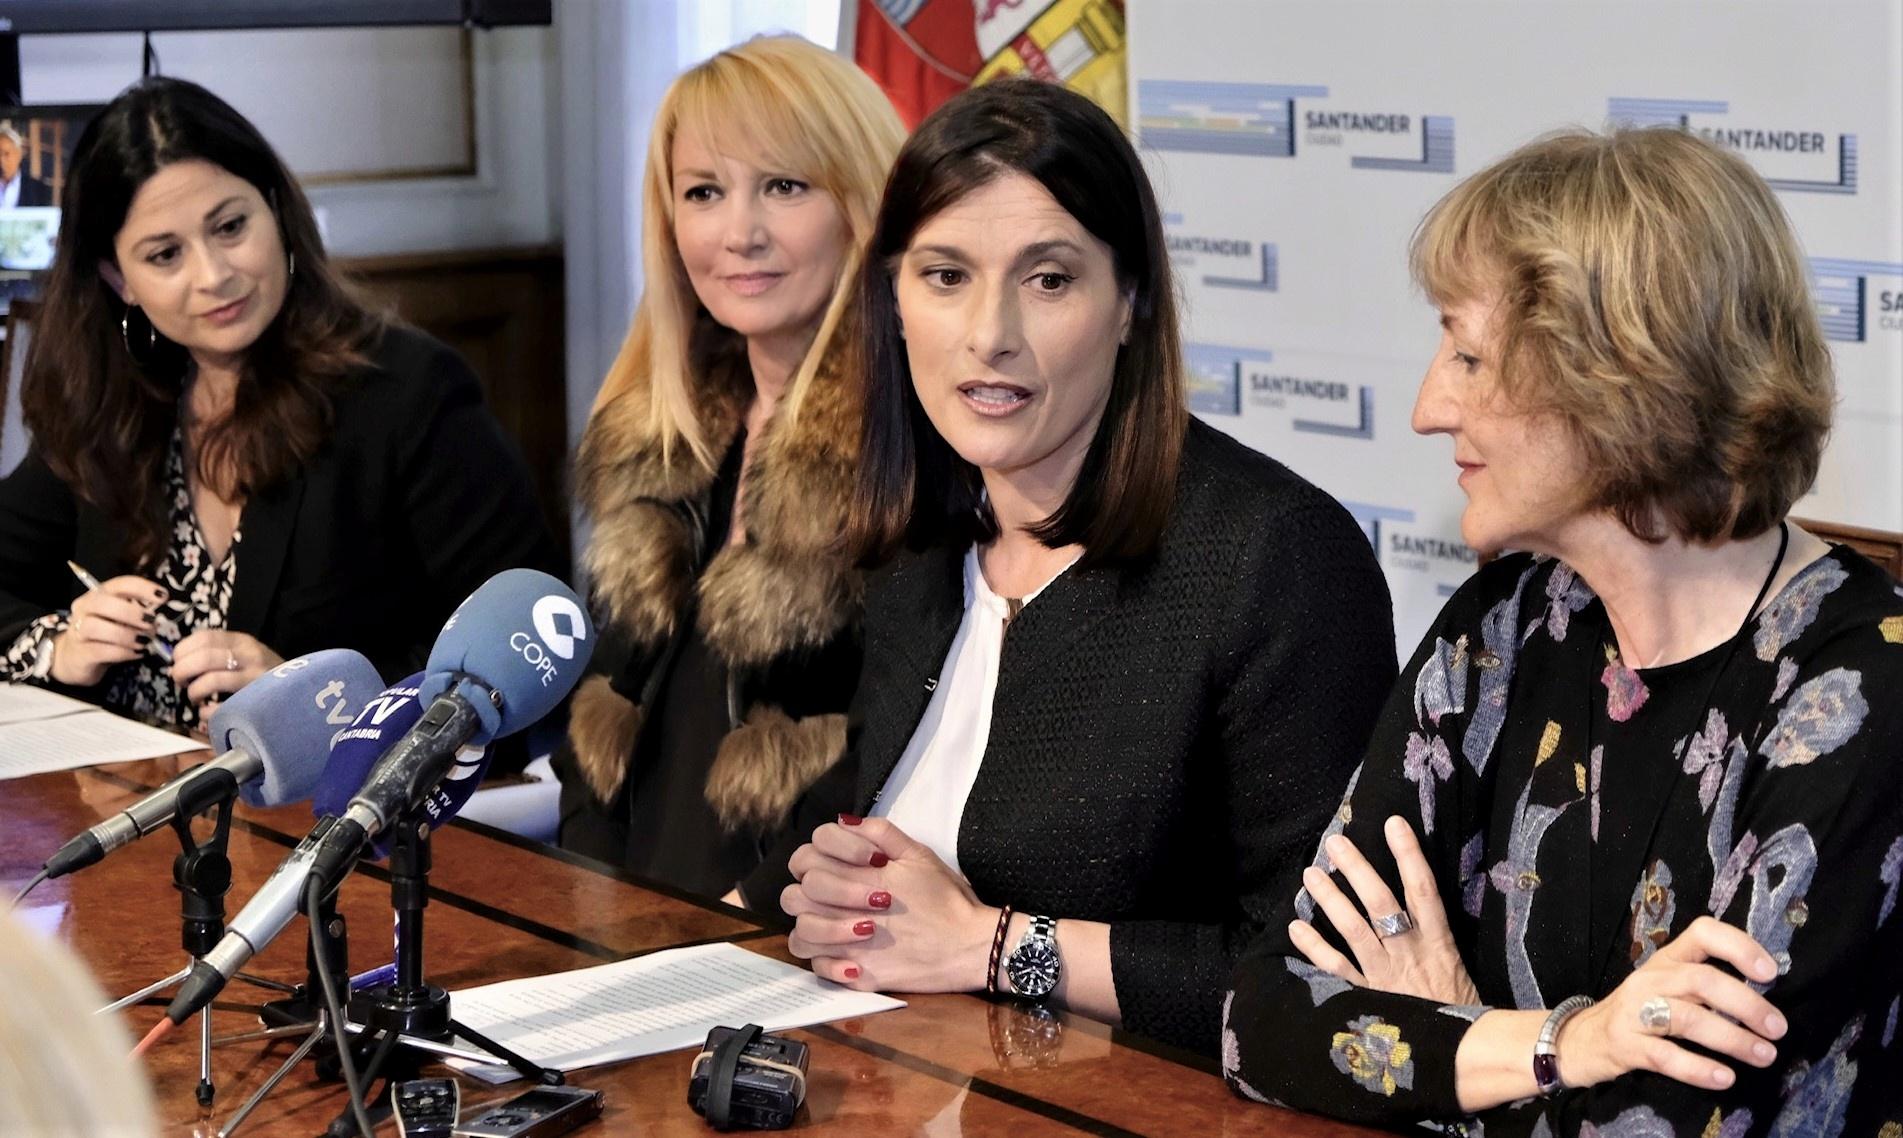 Rueda de prensa actos conmemorativos XX Aniversario Enrique Gran. Ayuntamiento de Santander, 2019